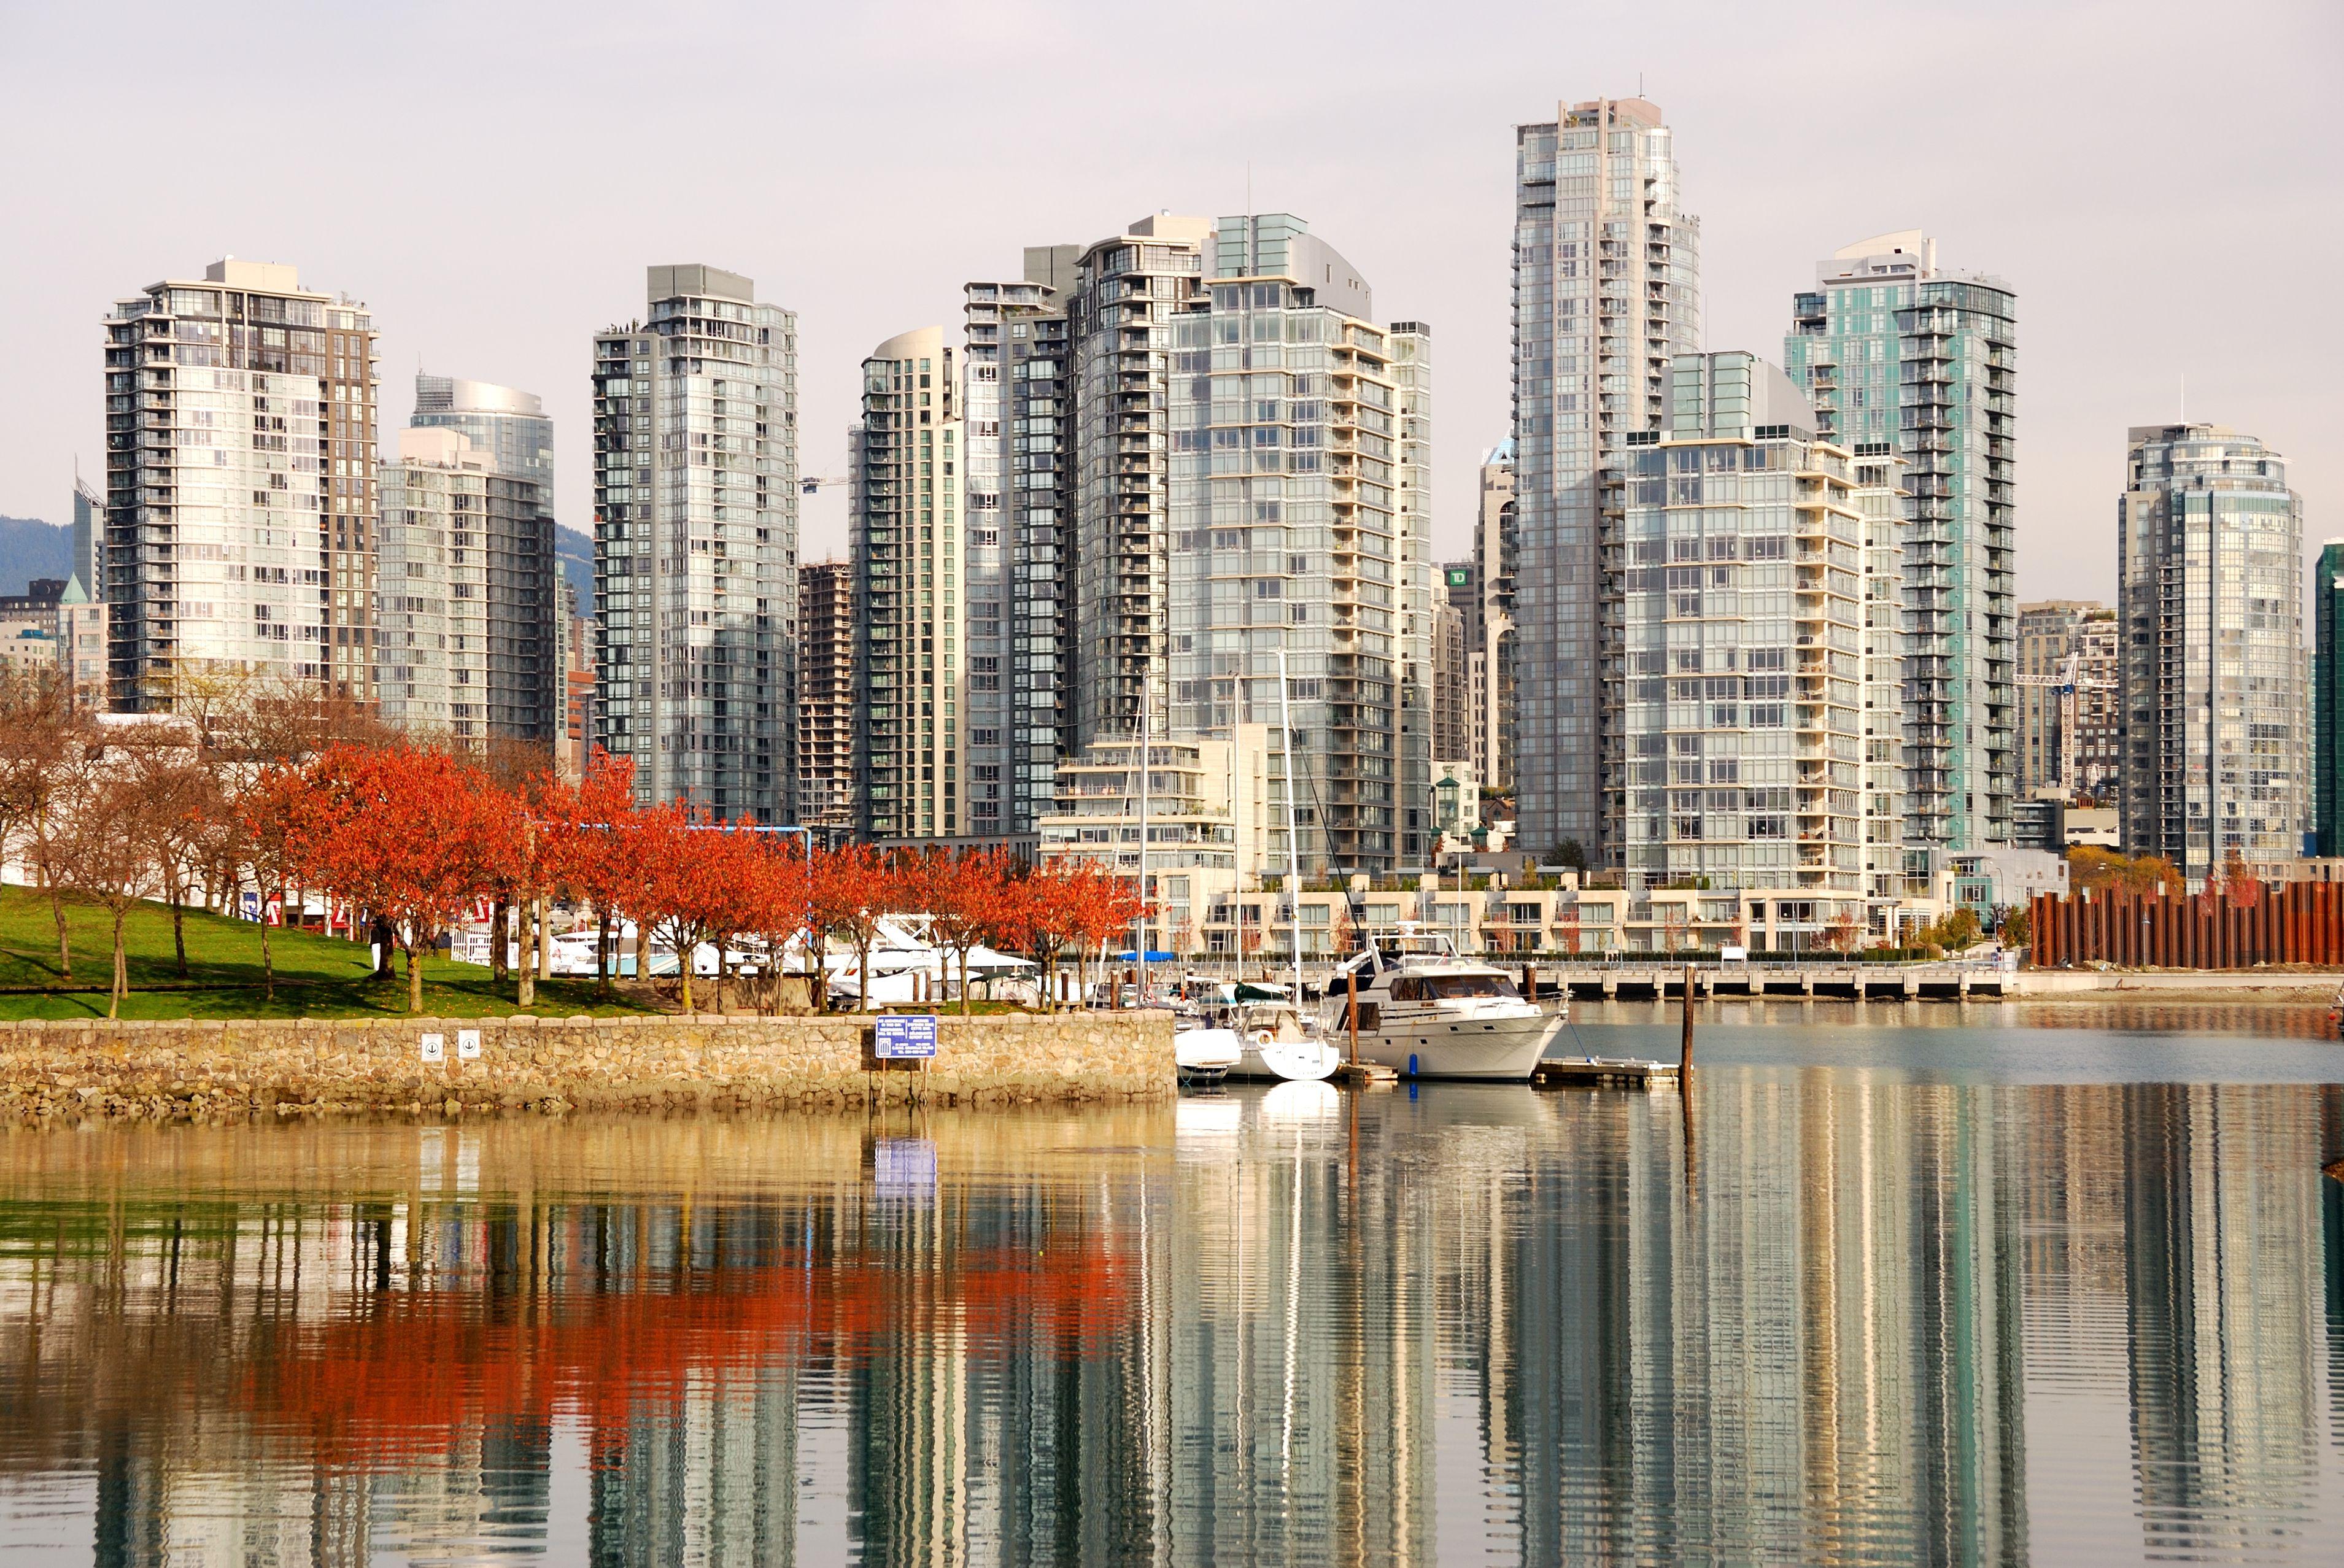 Autumn in Vancouver, British Columbia, Canada